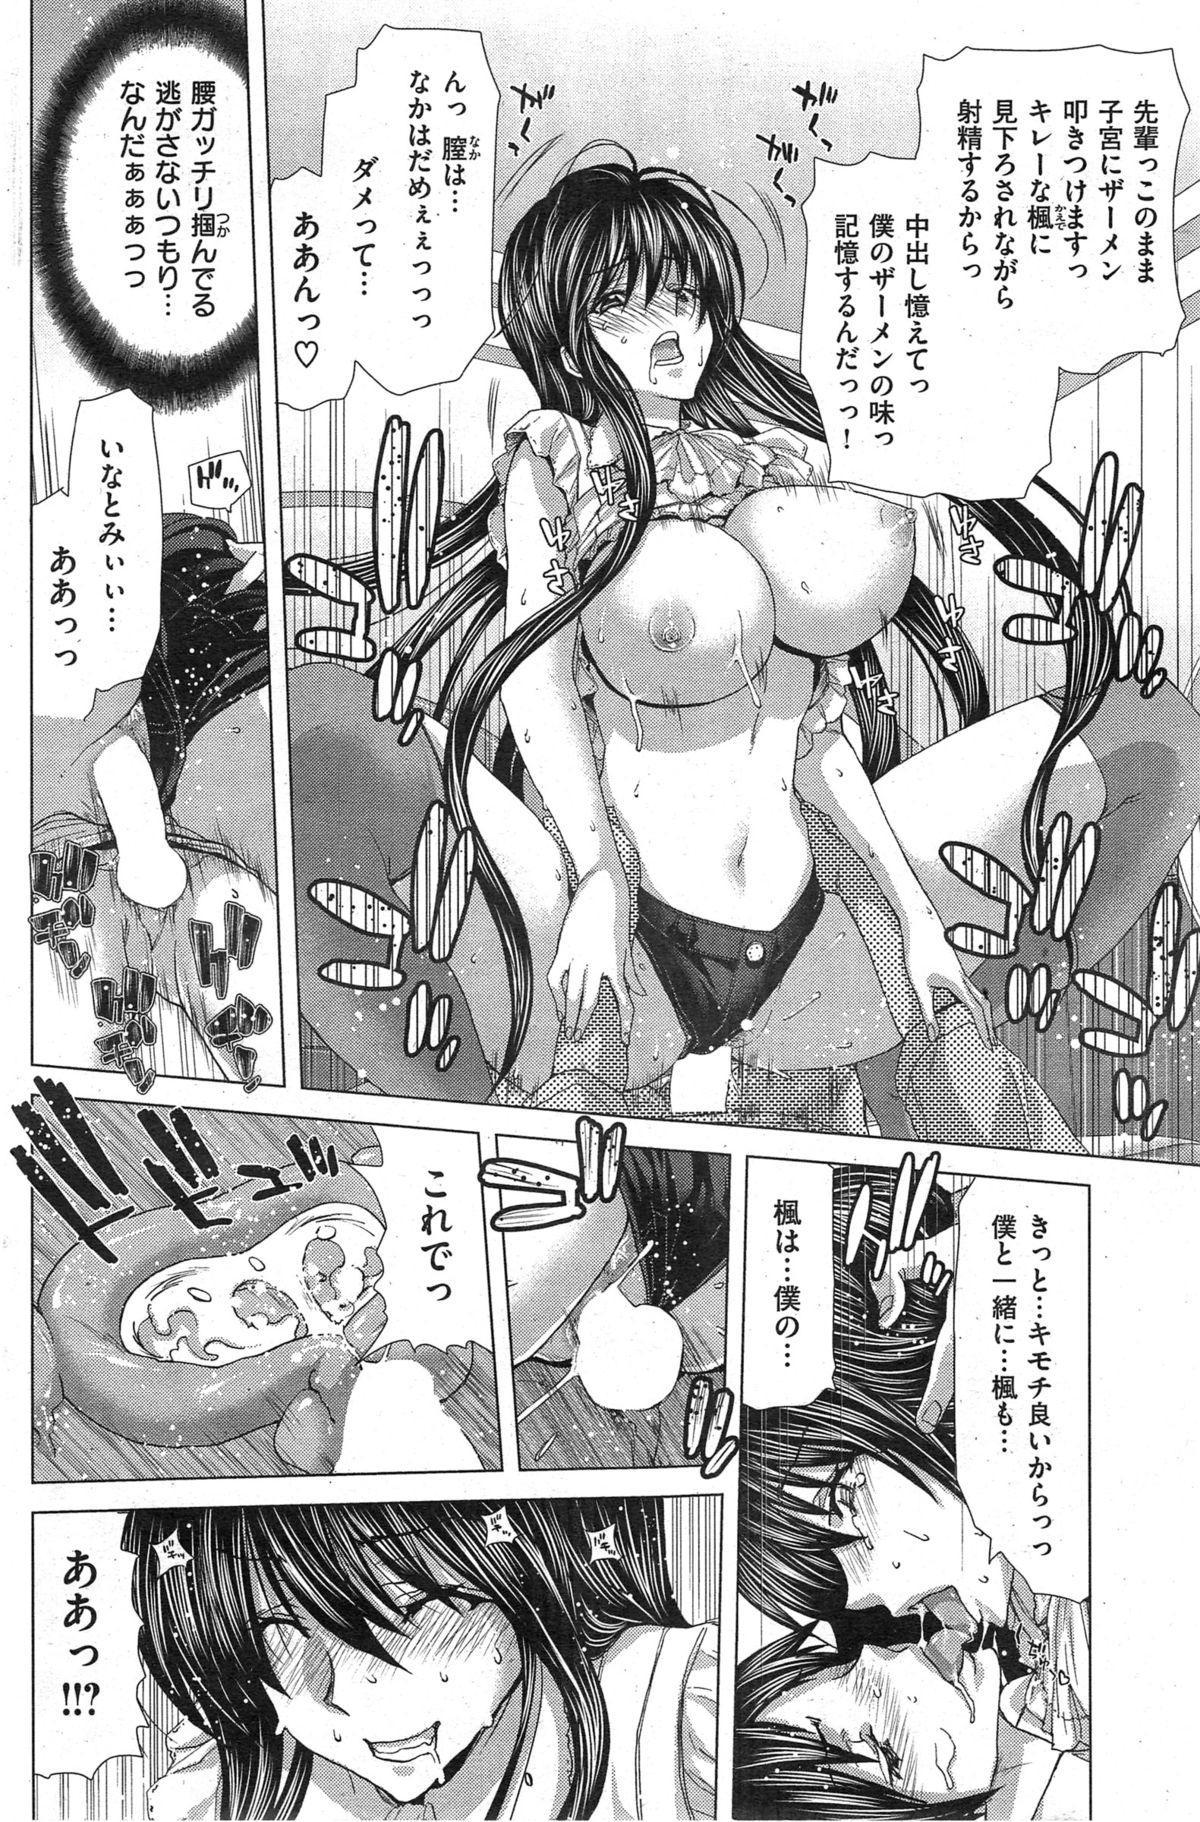 COMIC HANA-MAN 2014-12 159